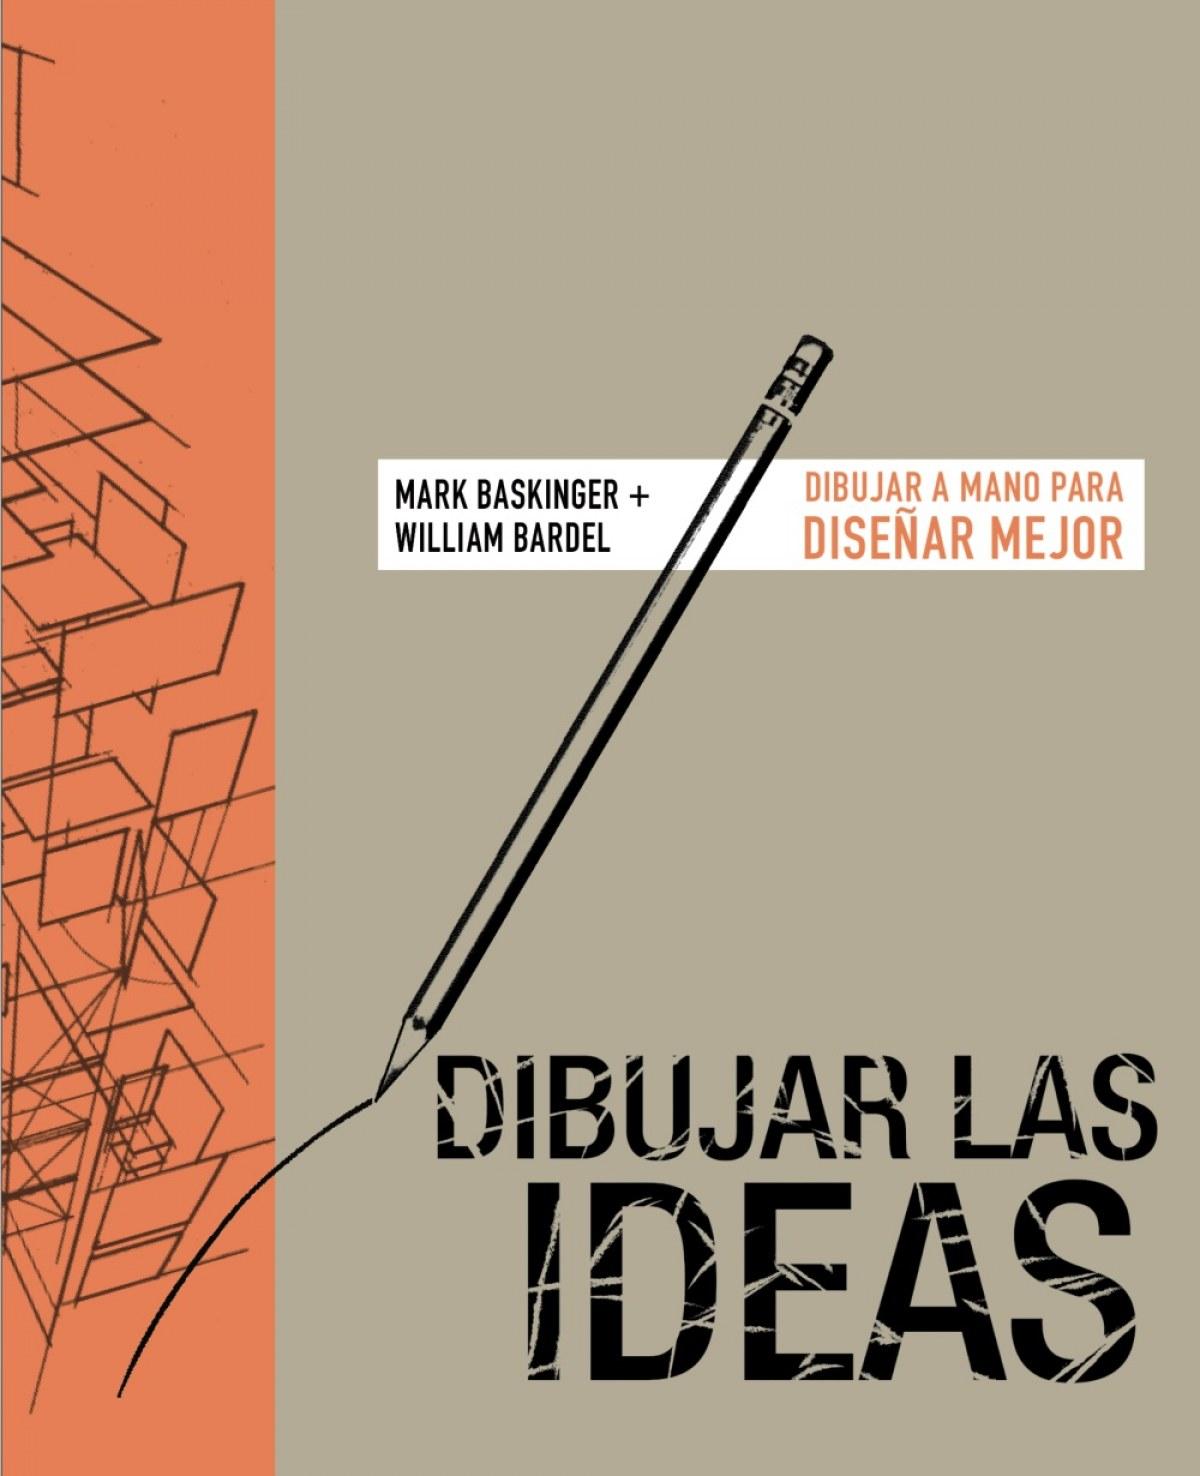 Dibujar las ideas